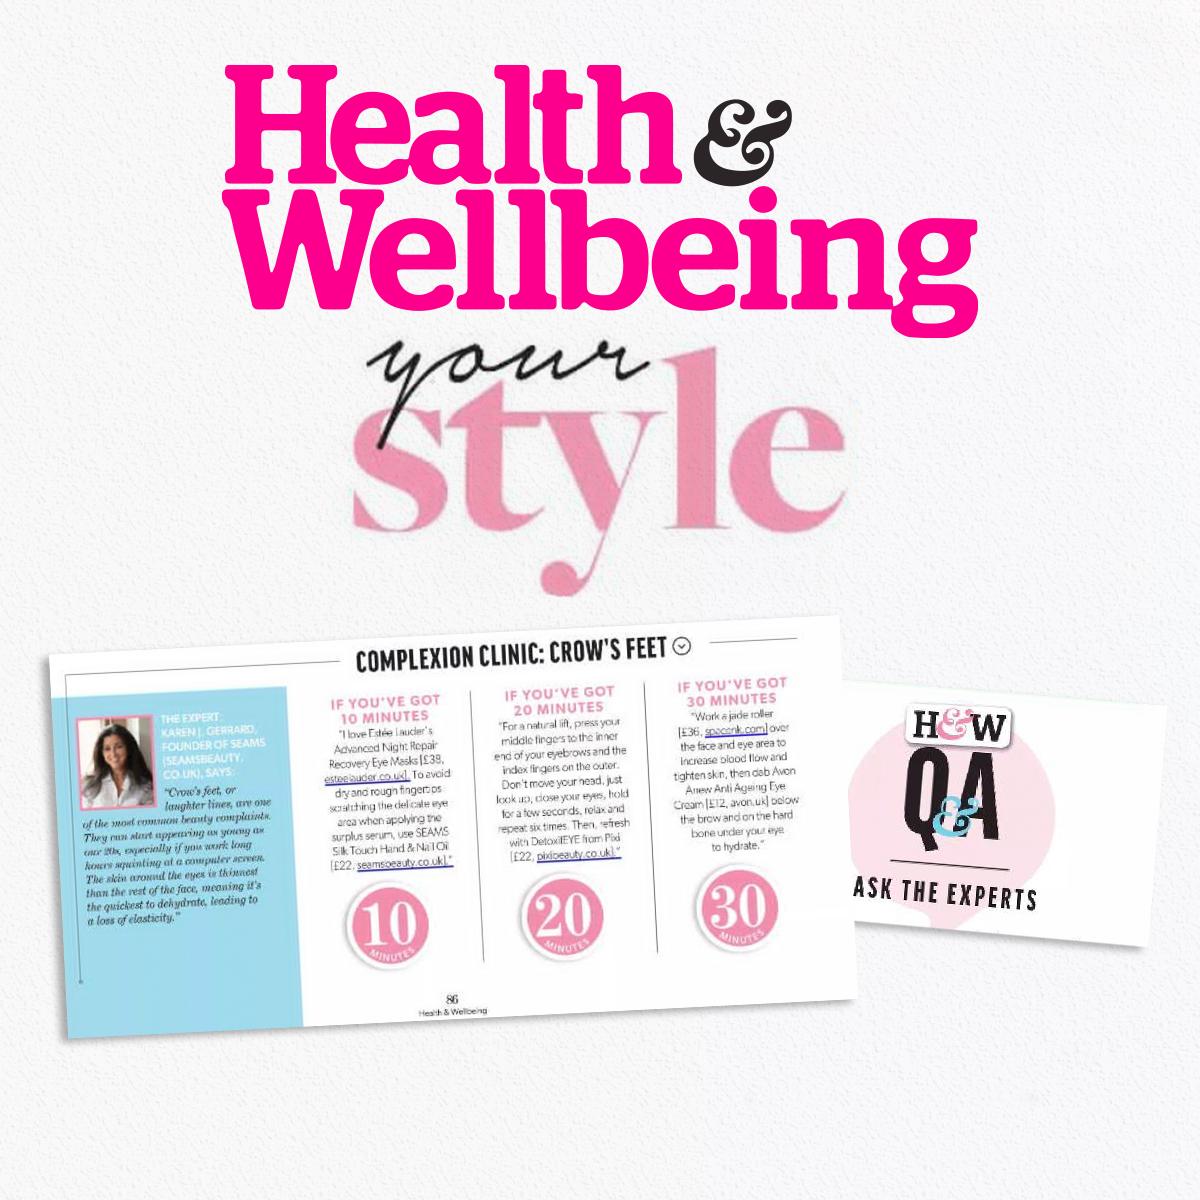 healthandwellbeing3